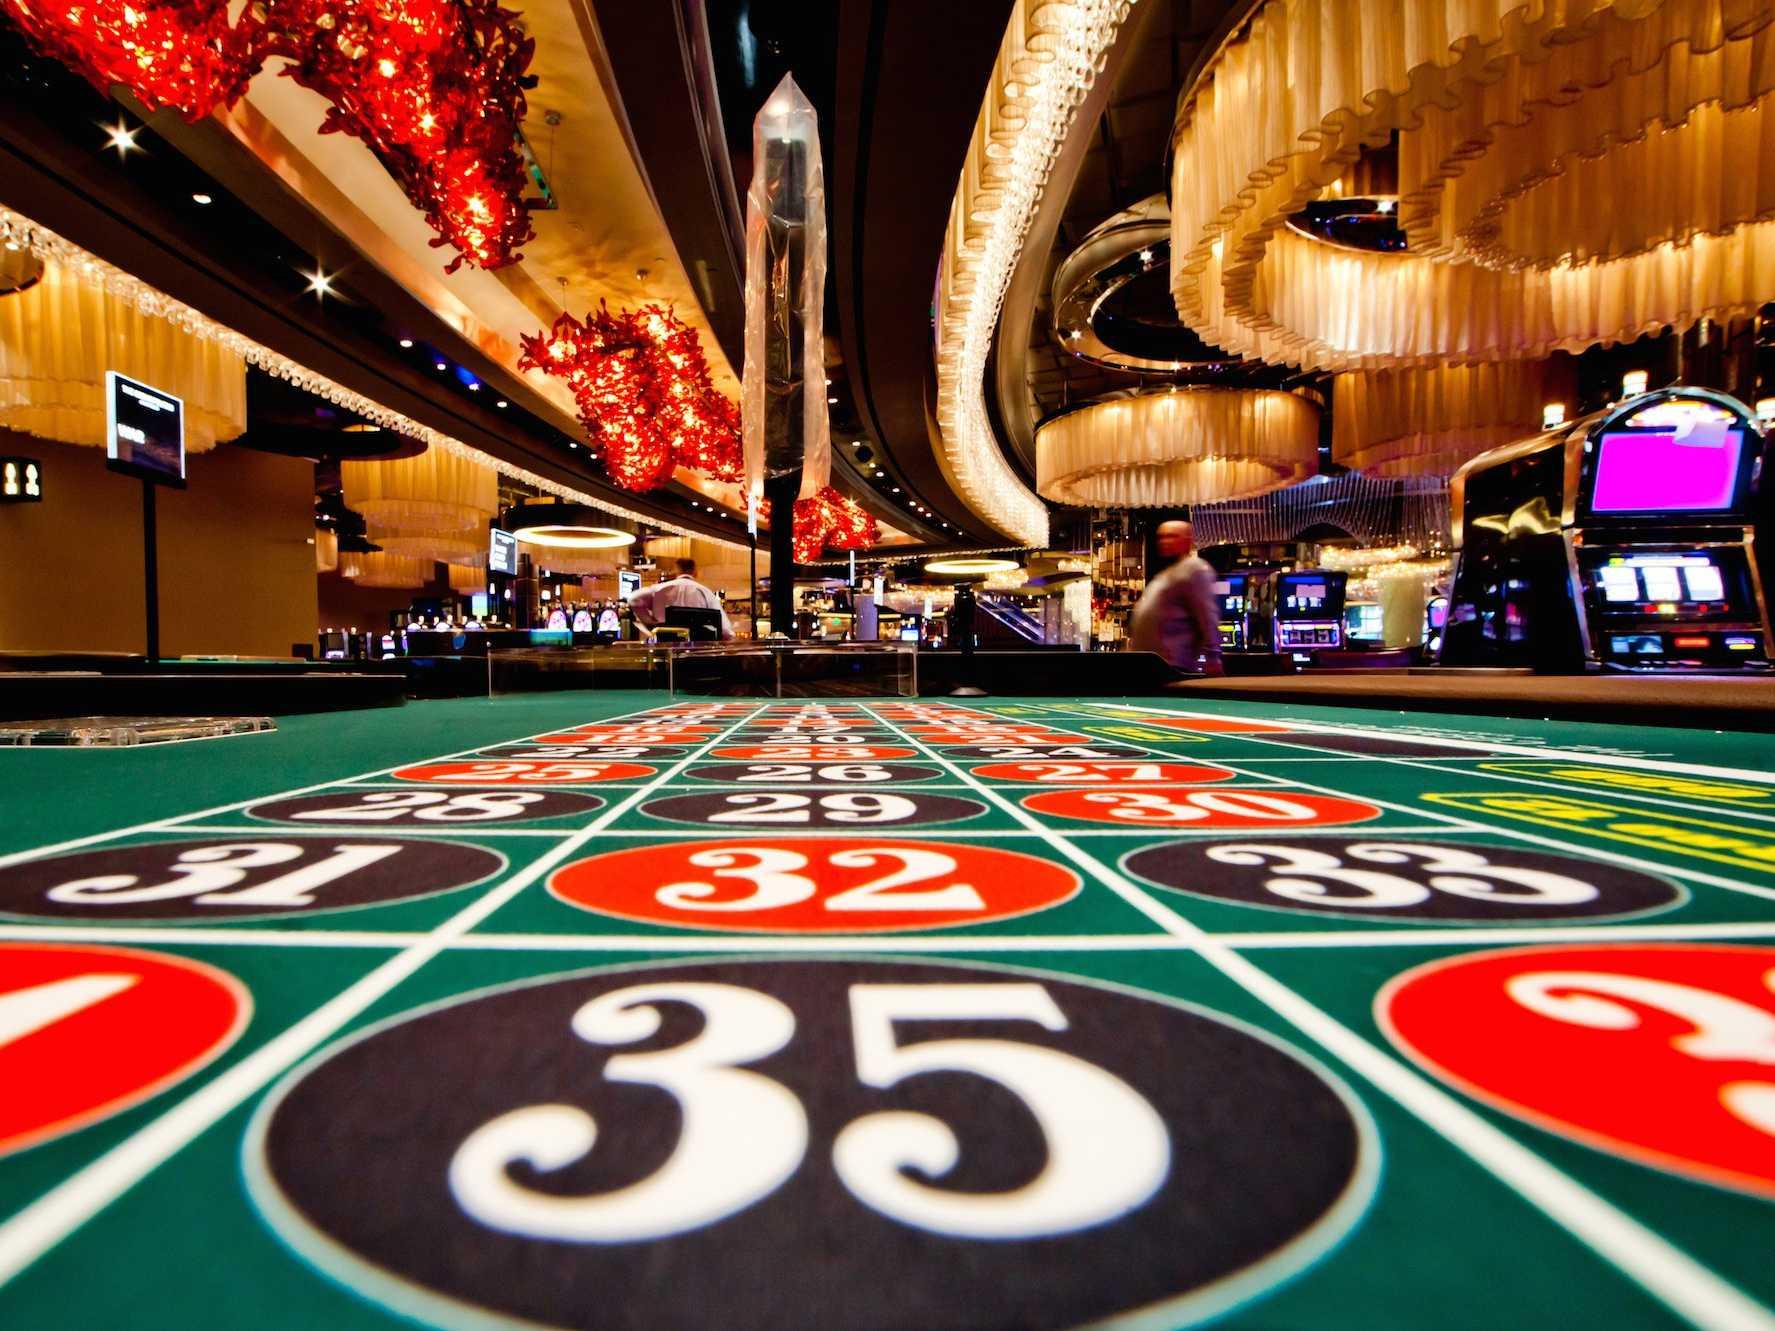 Jeux casino : pourquoi jouer dans les casinos web?